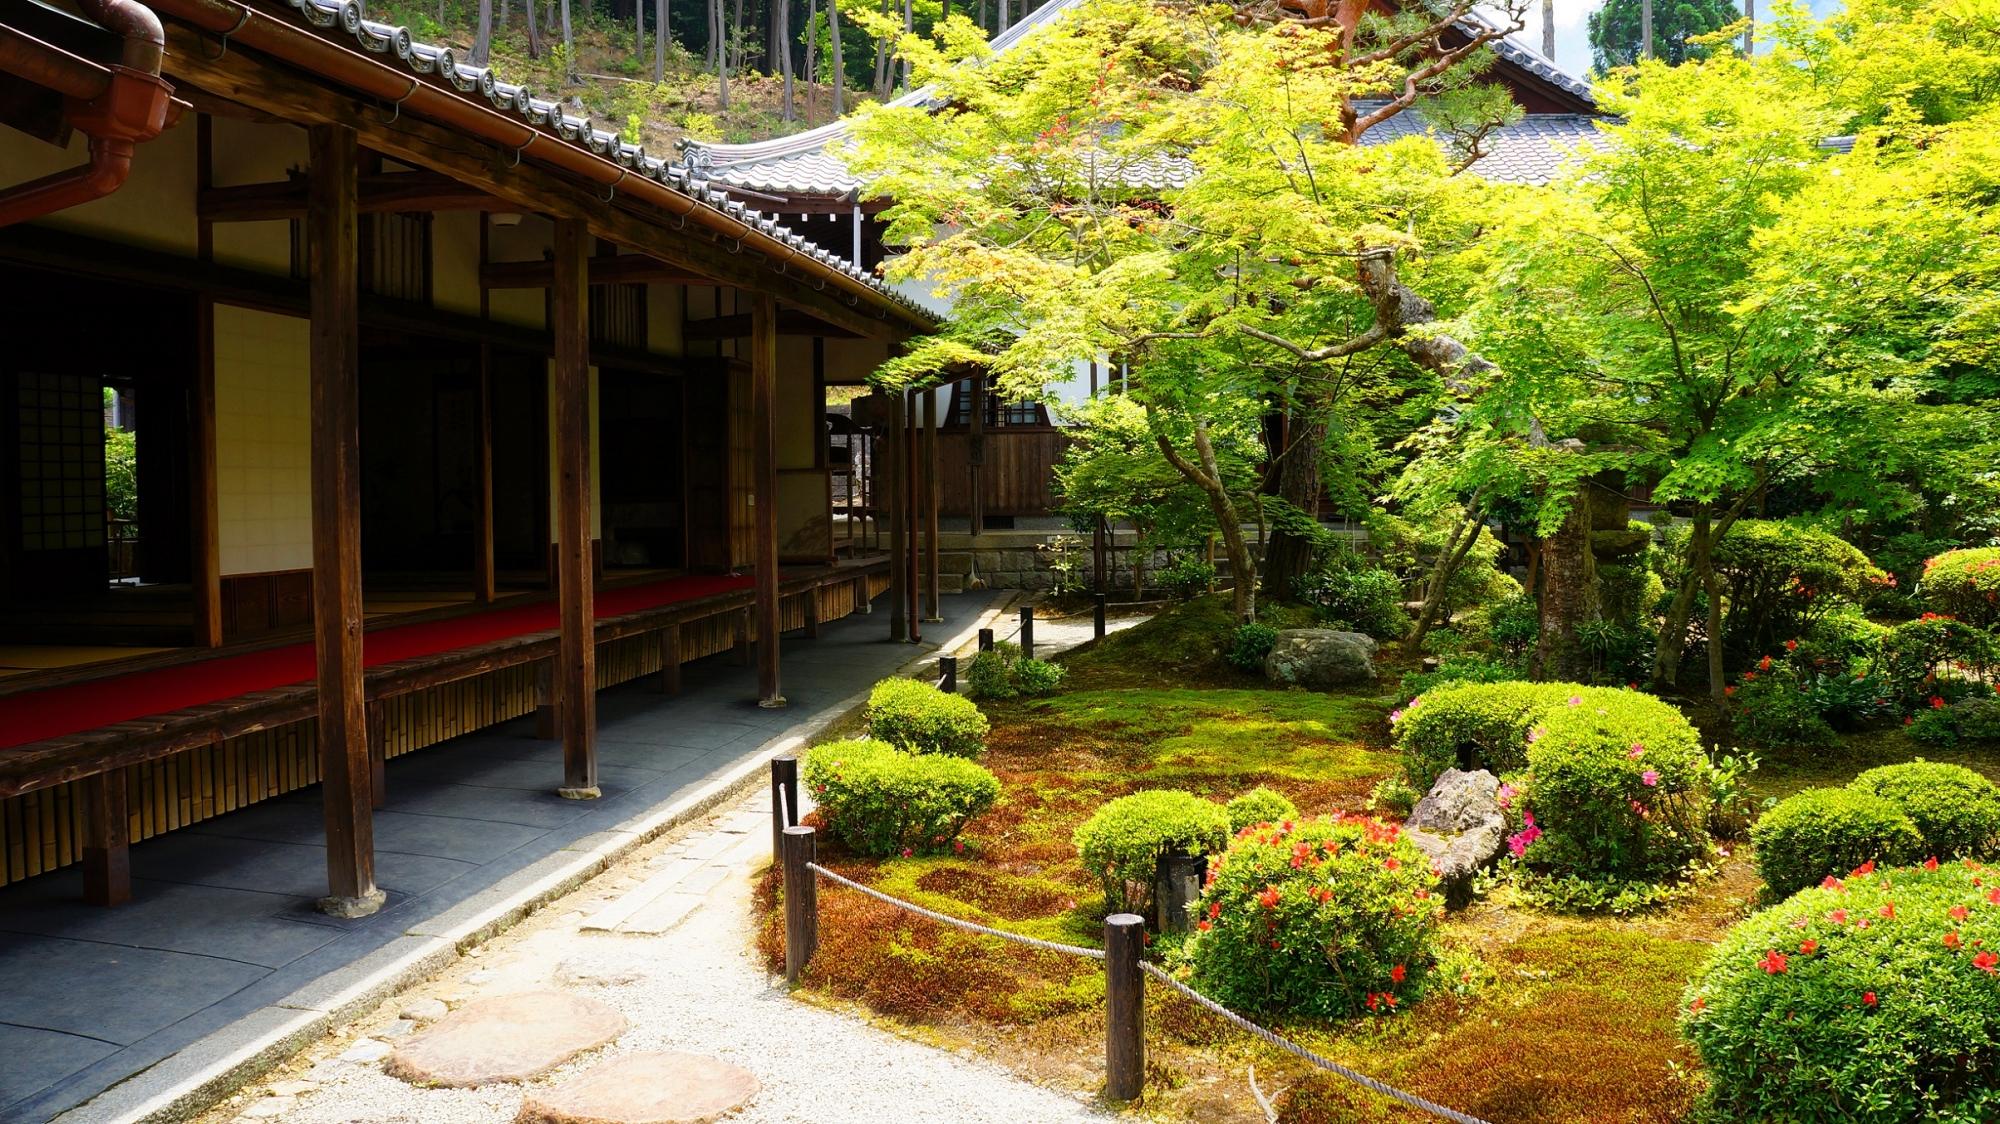 圓光寺の十牛之庭と書院と青もみじと新緑